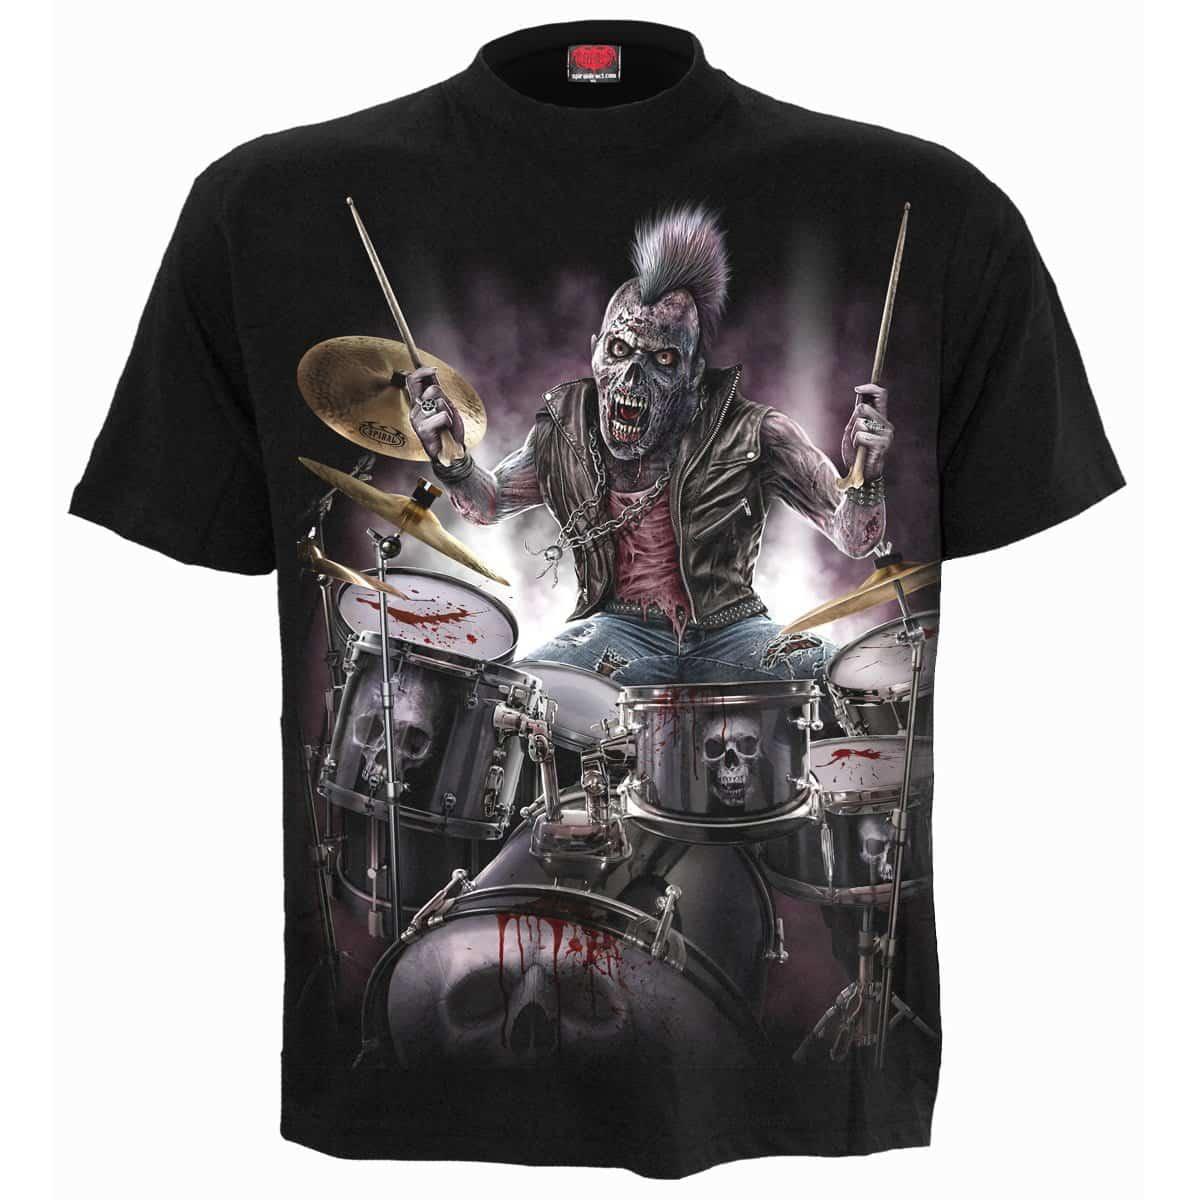 Stilig herre t skjorte | Svart t skjorte med zombie motiv